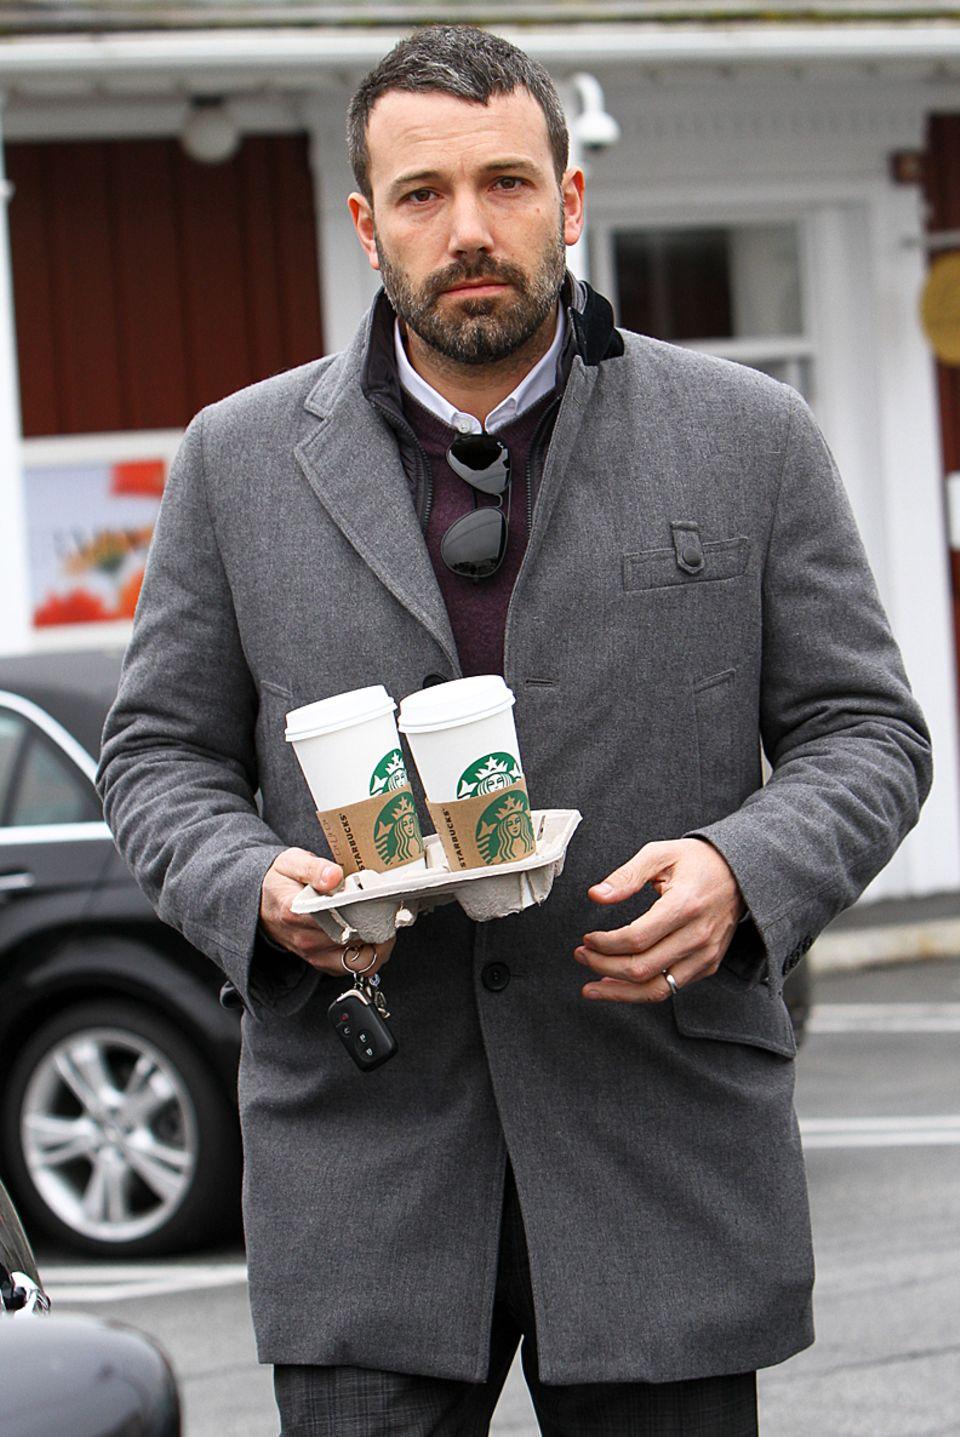 Kurz nacheinander verlassen Ben Affleck und Steven Spielberg den selben Kaffeeladen in Los Angeles. Ob nur ein Zufall oder das Ende eines Meetings bleibt unklar, allerdings haben beide noch warme Getränke für unterwegs mitgenommen.